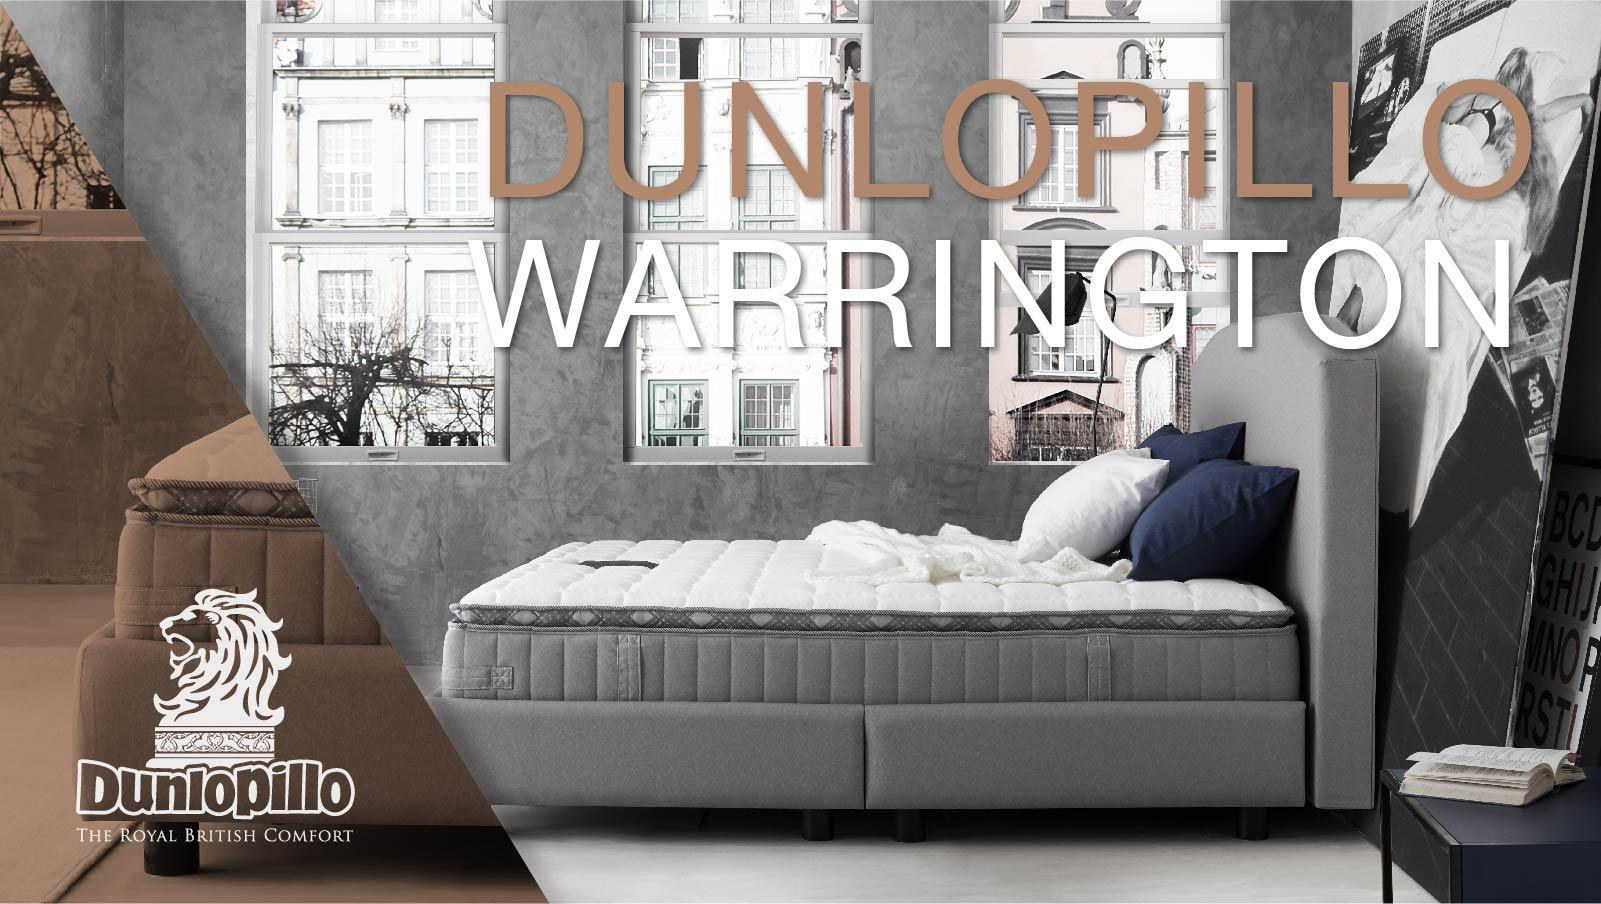 Dunlopillo Mattress - Warrington